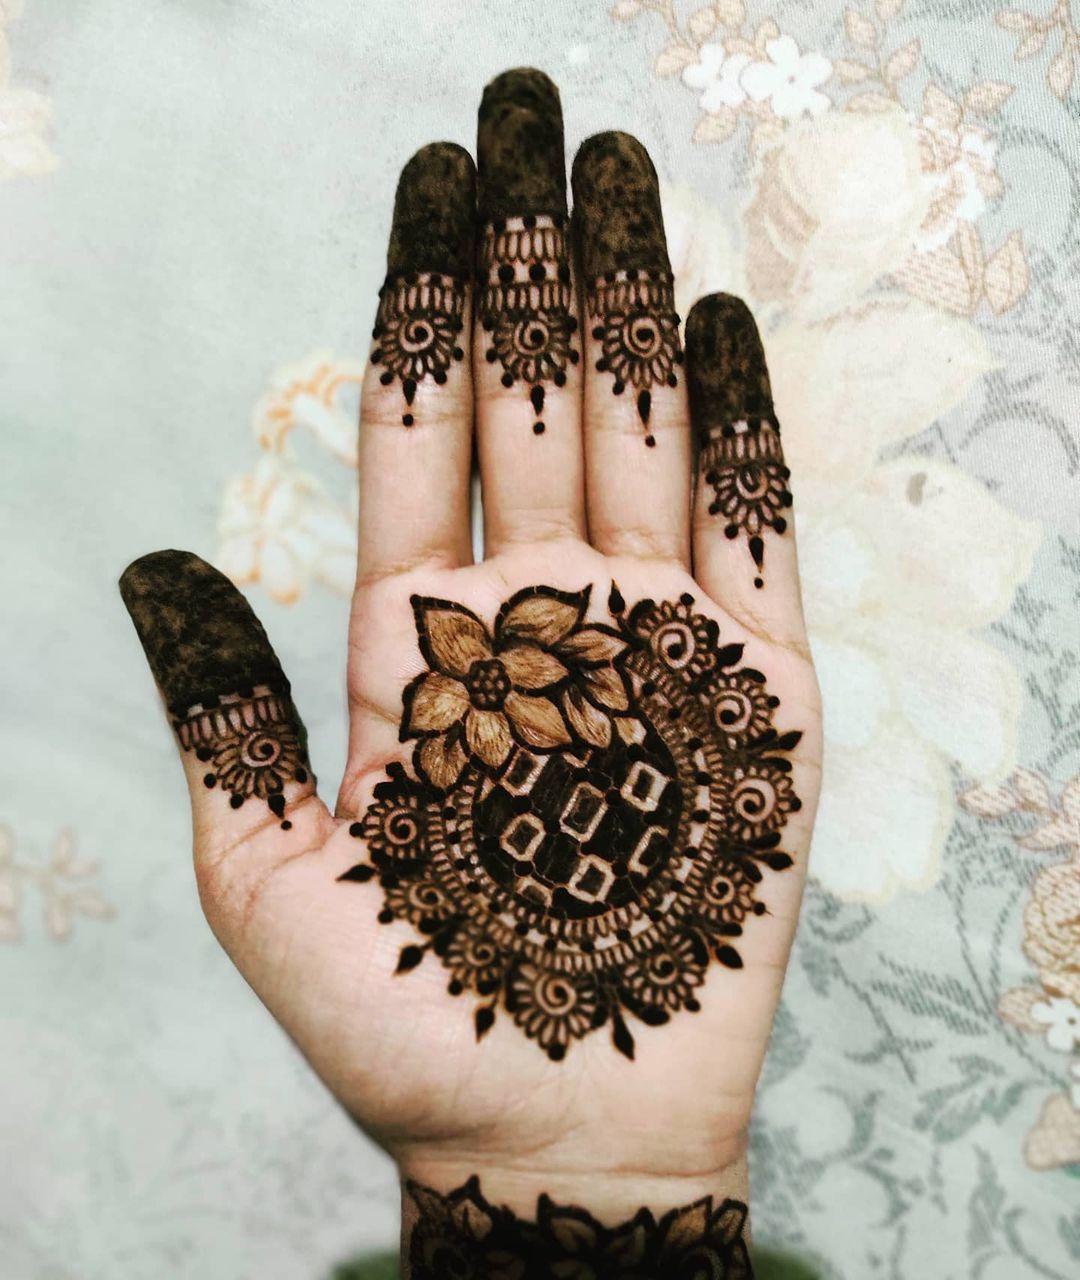 Henna Hand Designs - Flowers